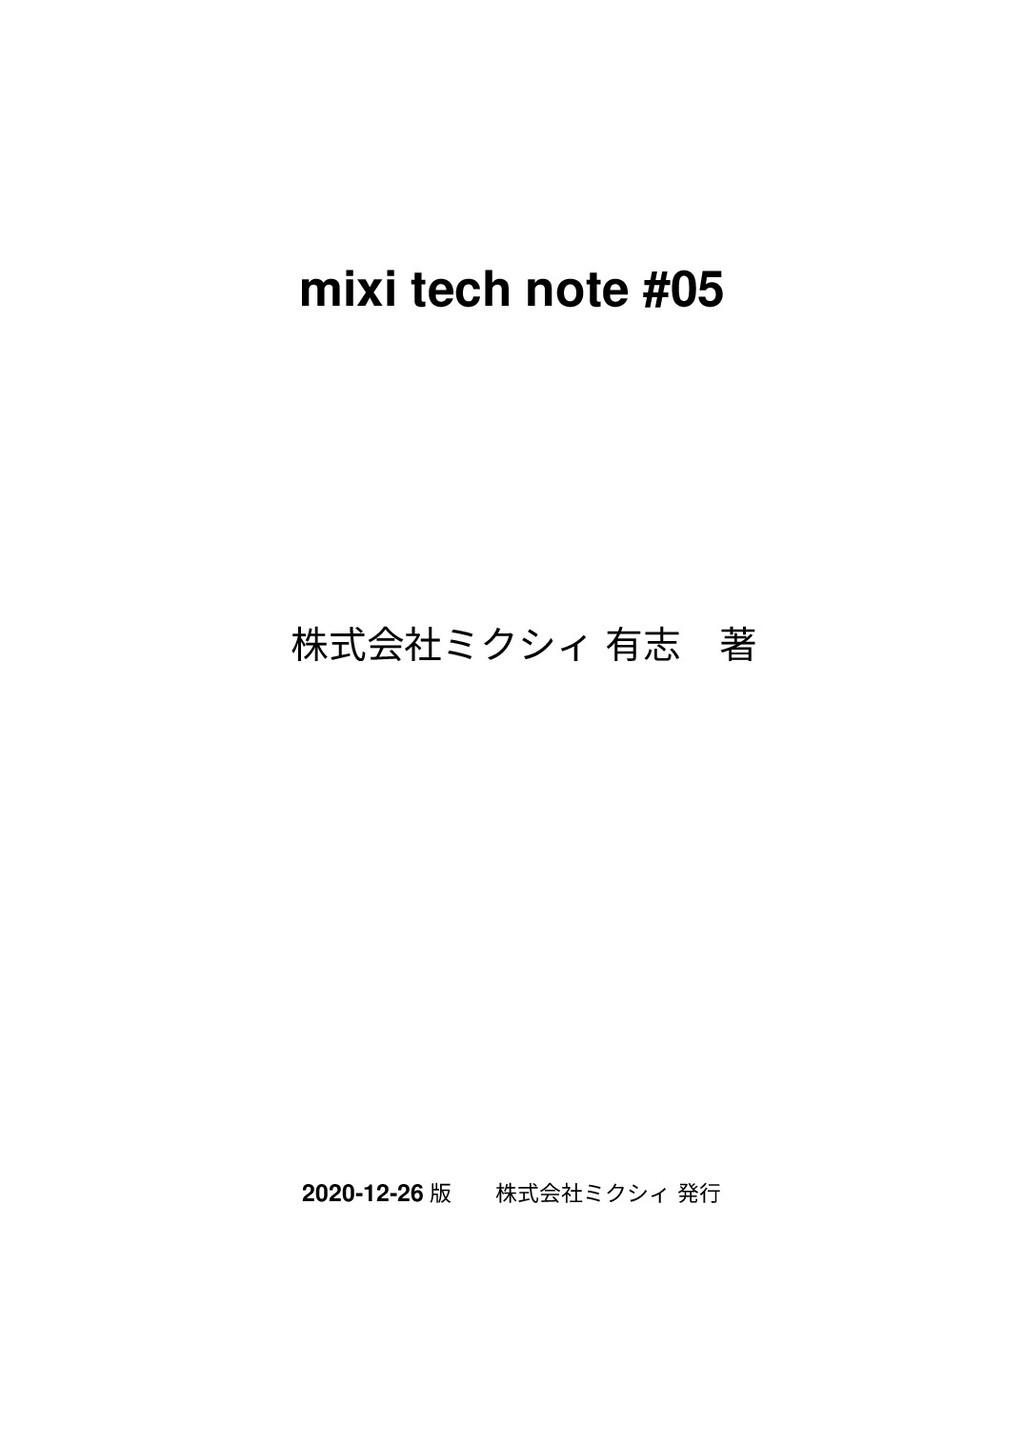 mixi tech note #05 גࣜձࣾϛΫγΟ ༗ࢤɹஶ 2020-12-26 ൛ ג...